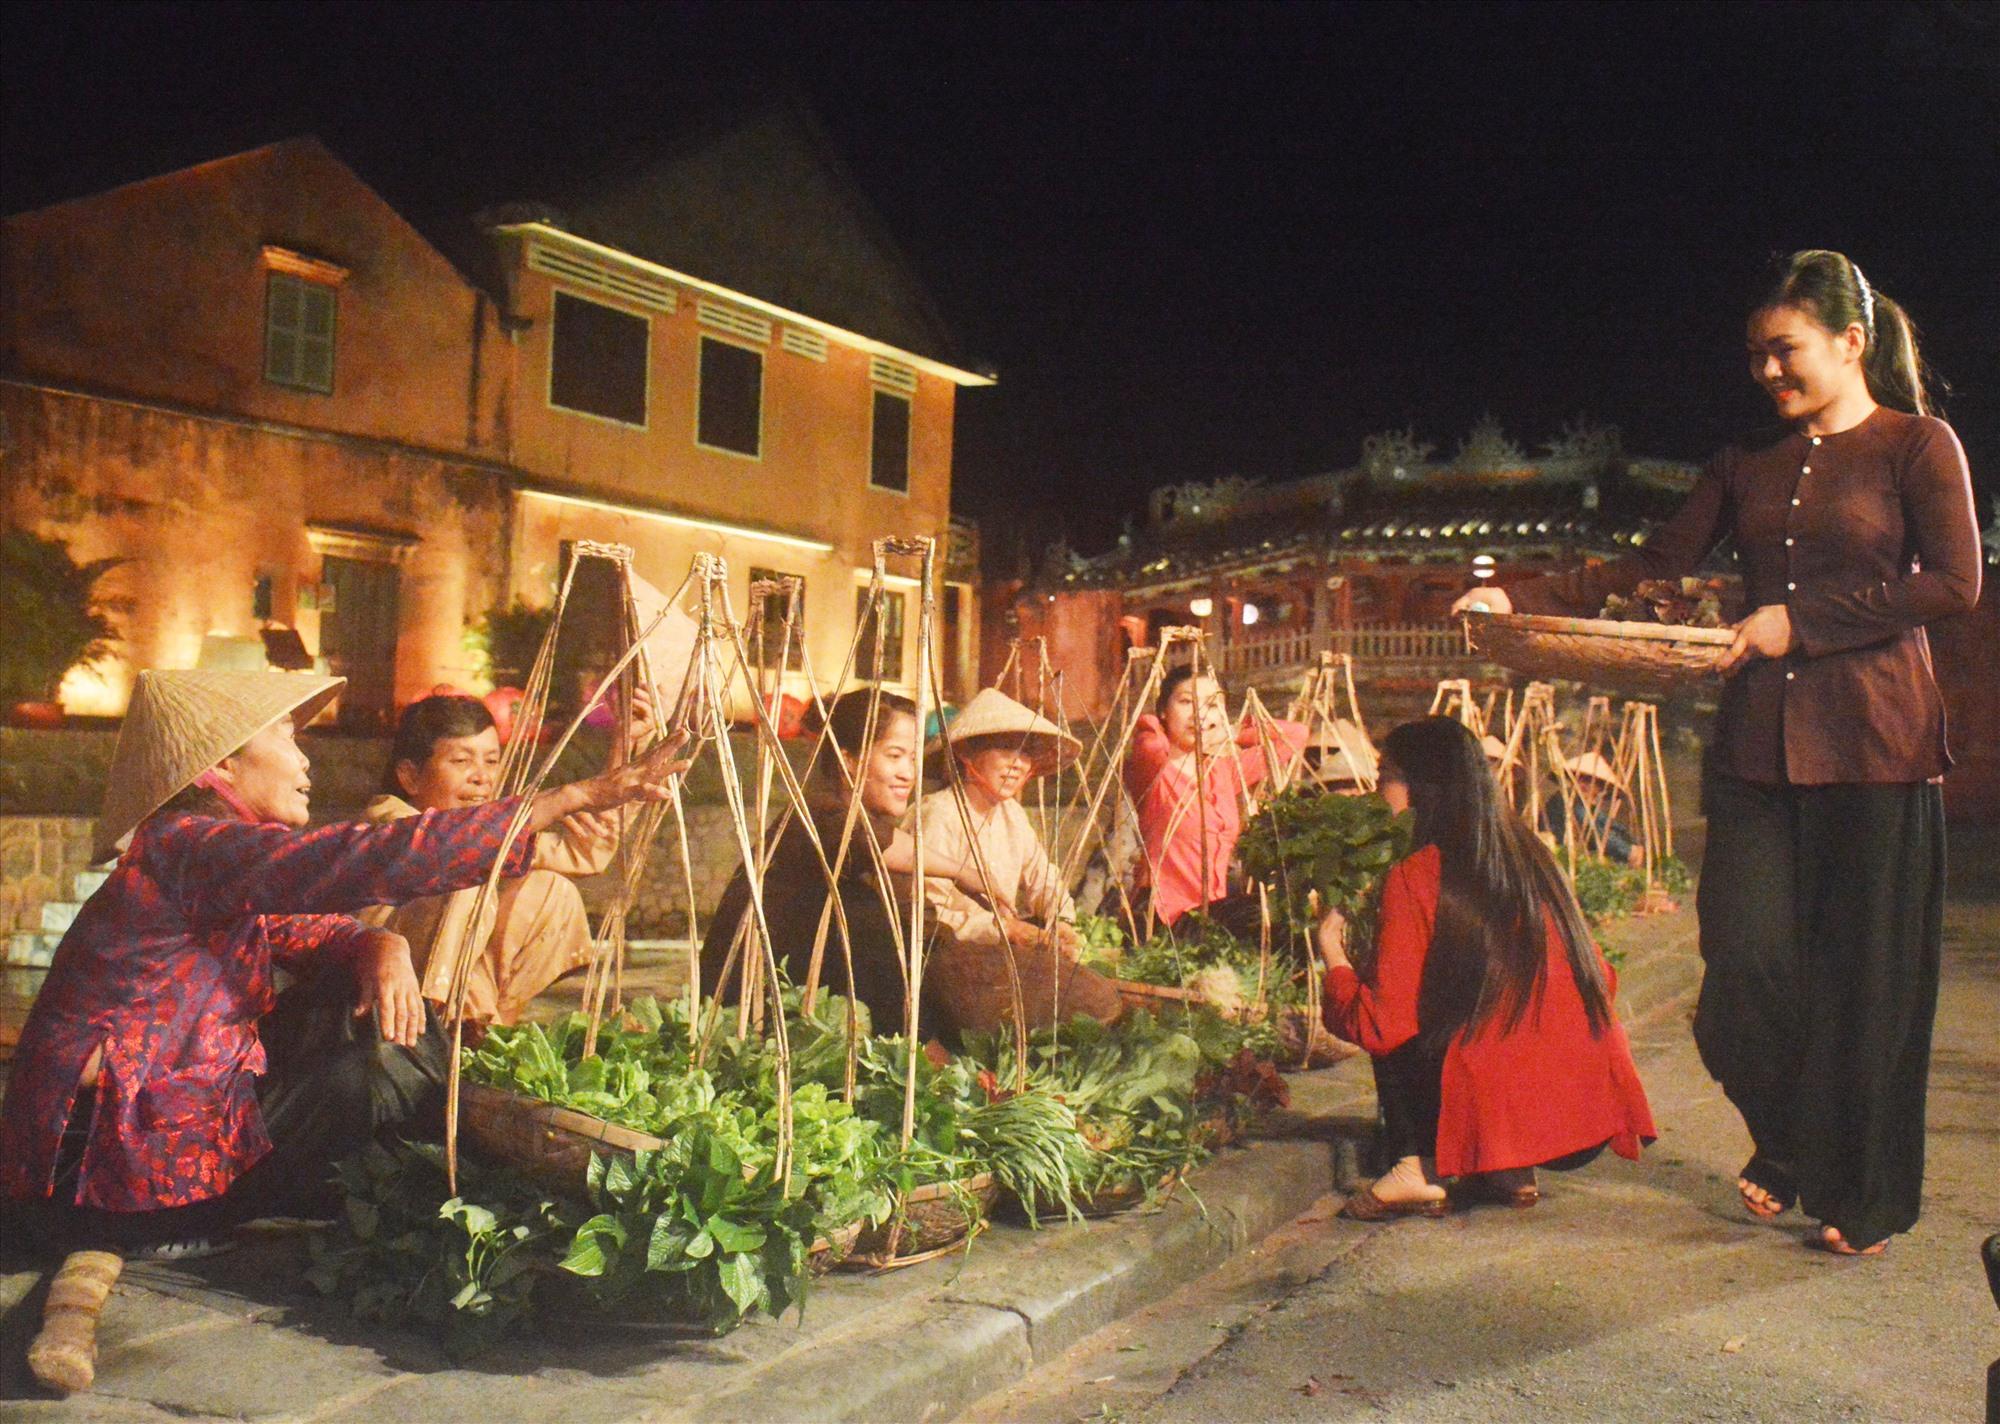 Đời sống thường nhật của người dân làng rau Trà Quế được tái hiện trong show diễn. Ảnh: T.L